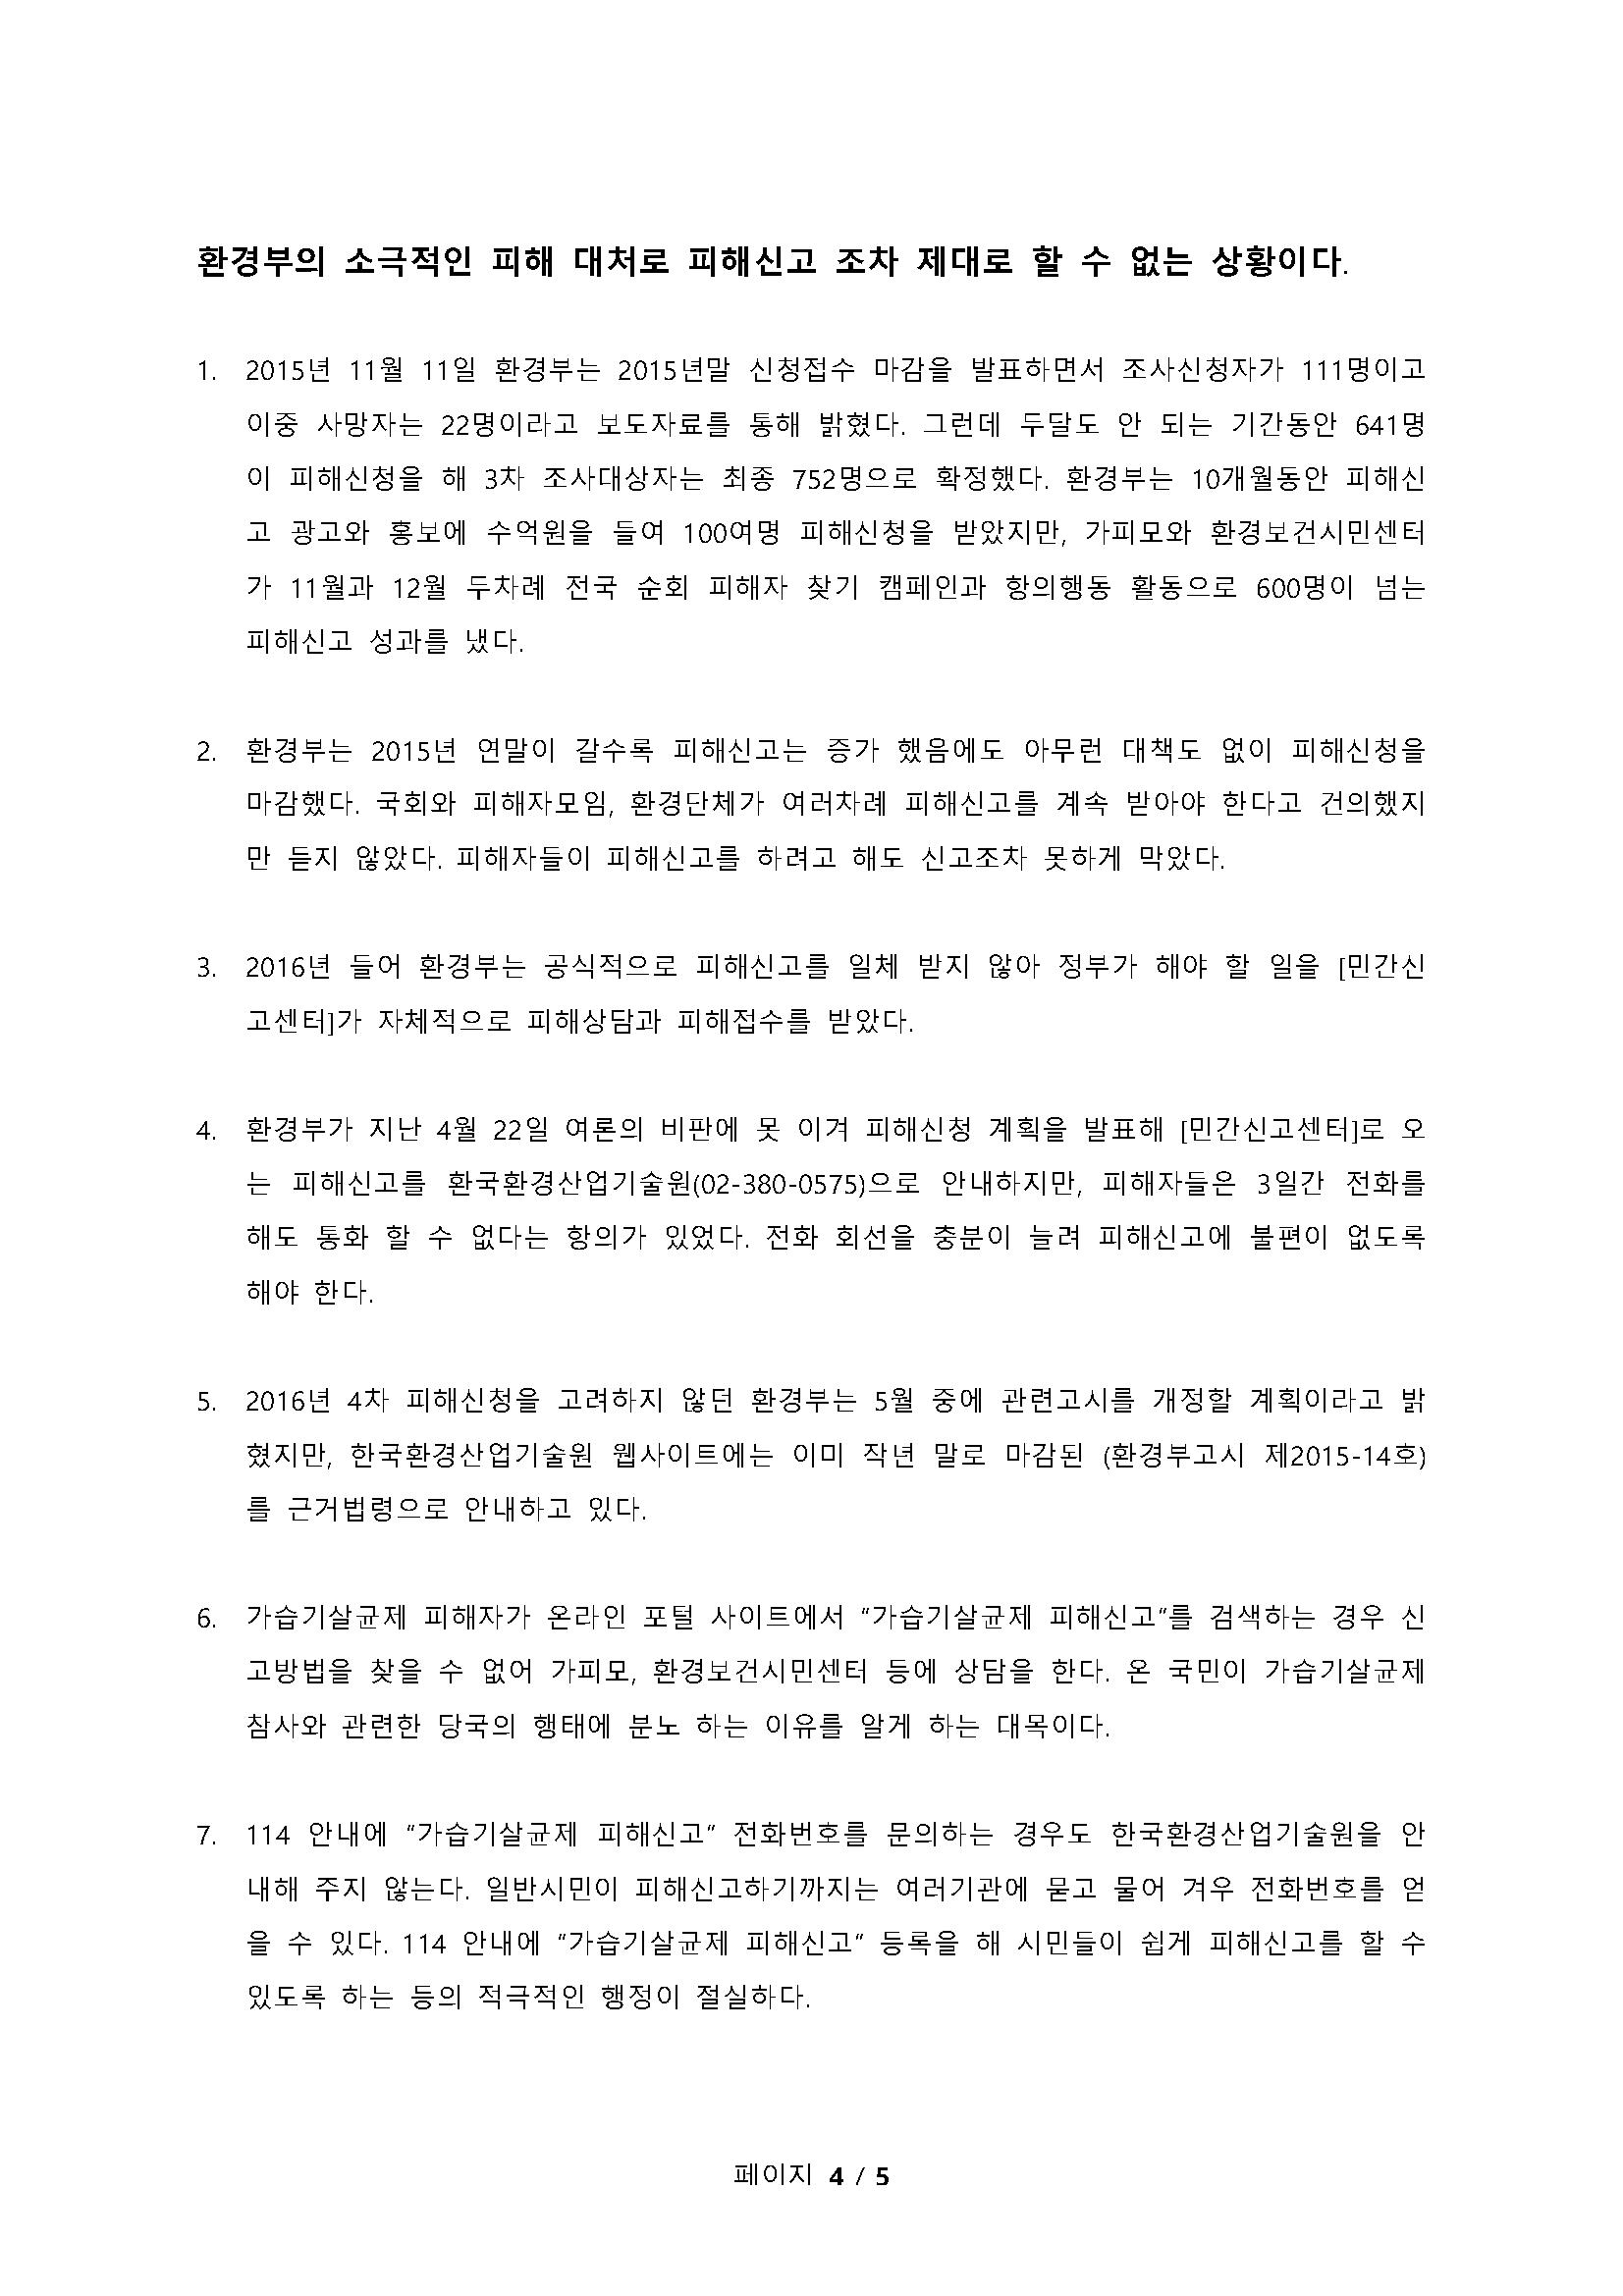 0519 가습기살균제 사망자 266명으로 늘어(기자회견문)_페이지_4